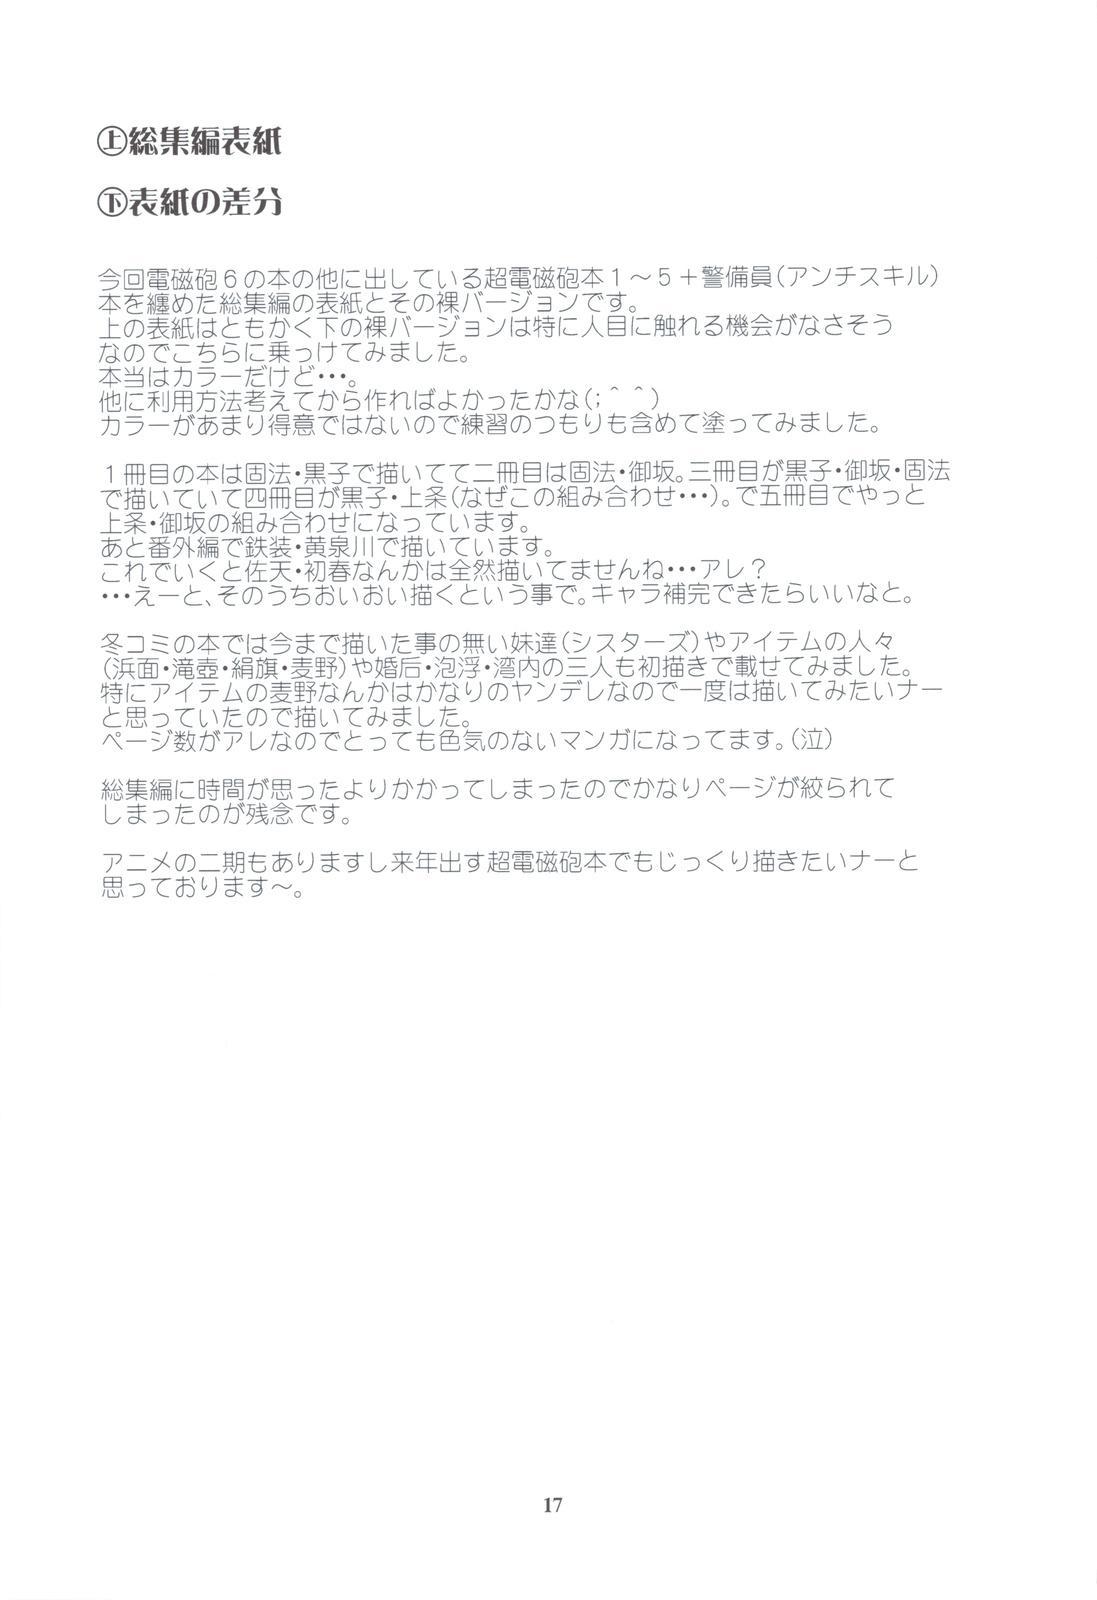 (C83) [Penpengusa Club (Katase Minami)] Toaru Kagaku no Judgement 6 - Onee-sama Search Eye! (Toaru Majutsu no Index) 15